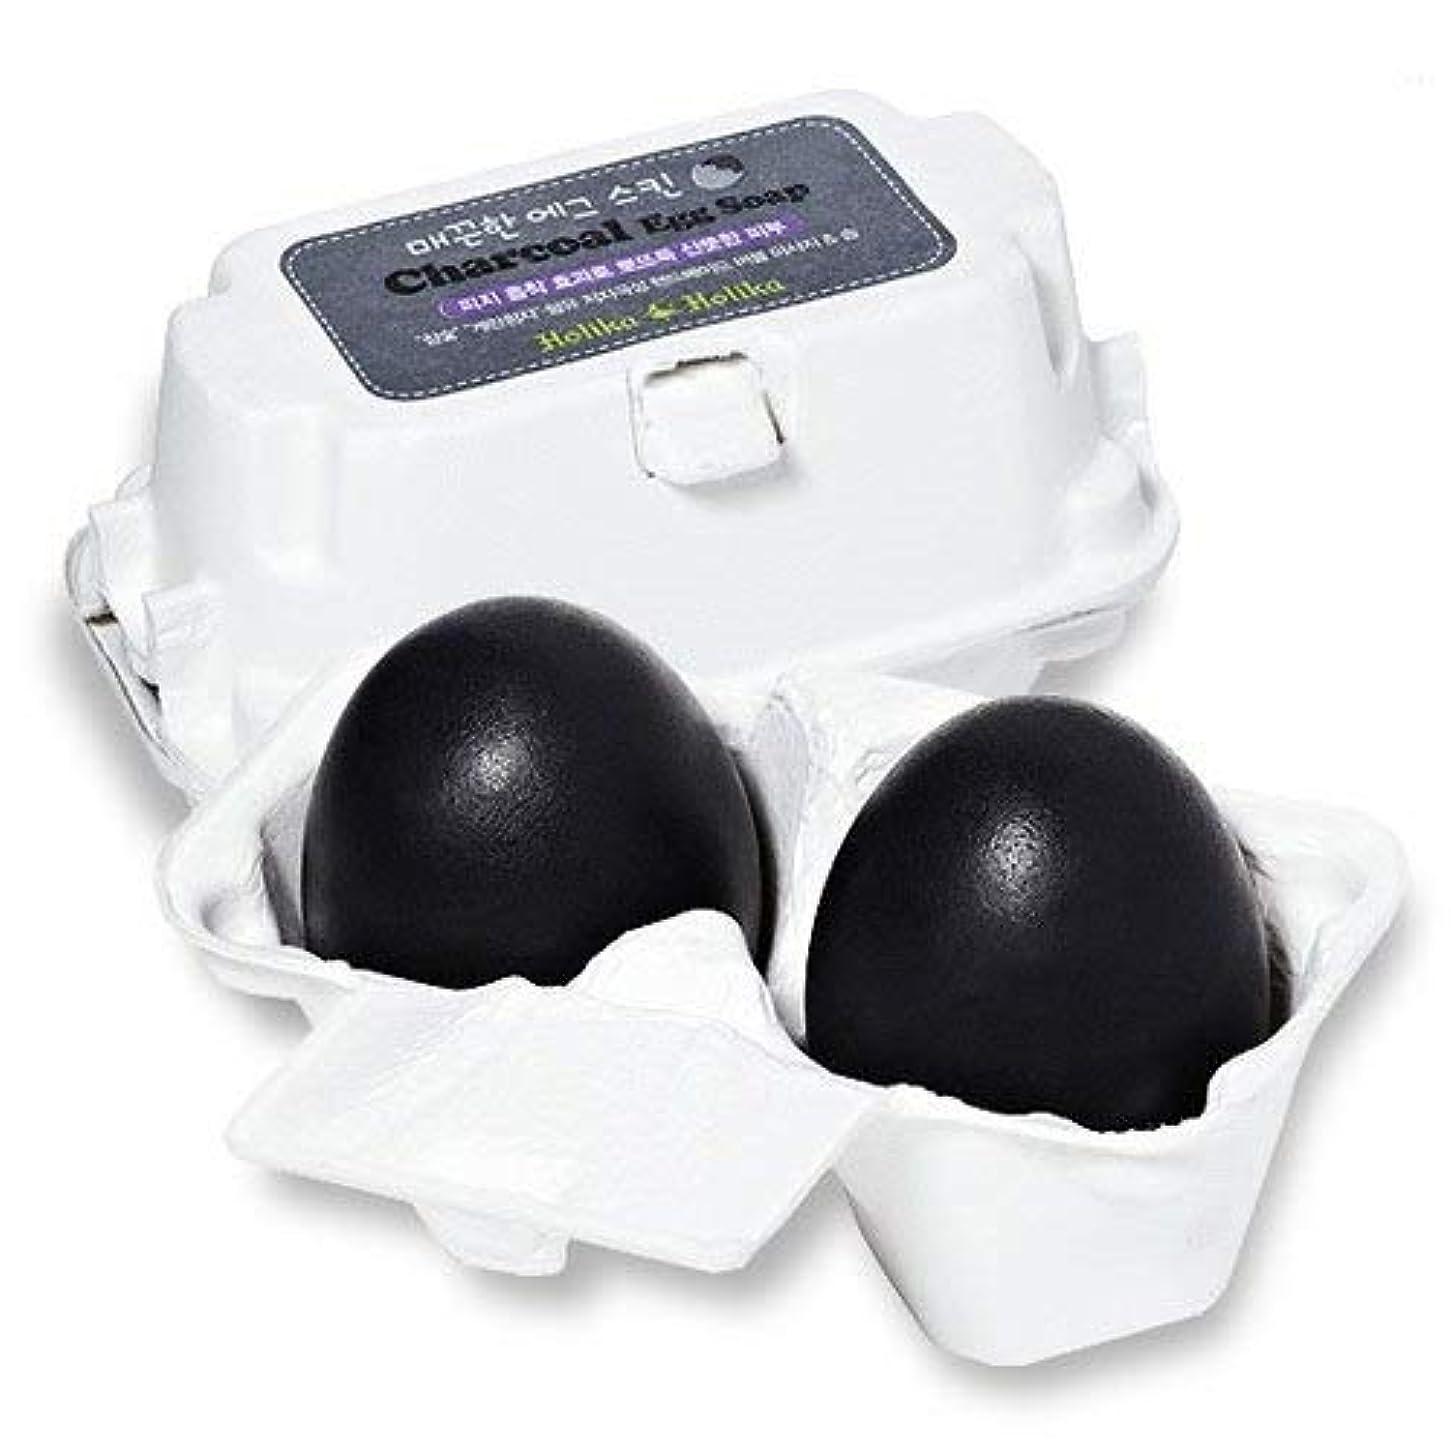 チーフ平行手配する[堅炭/Charcoal] Holika Holika Egg Skin Egg Soap ホリカホリカ エッグスキン エッグソープ (50g*2個) [並行輸入品]